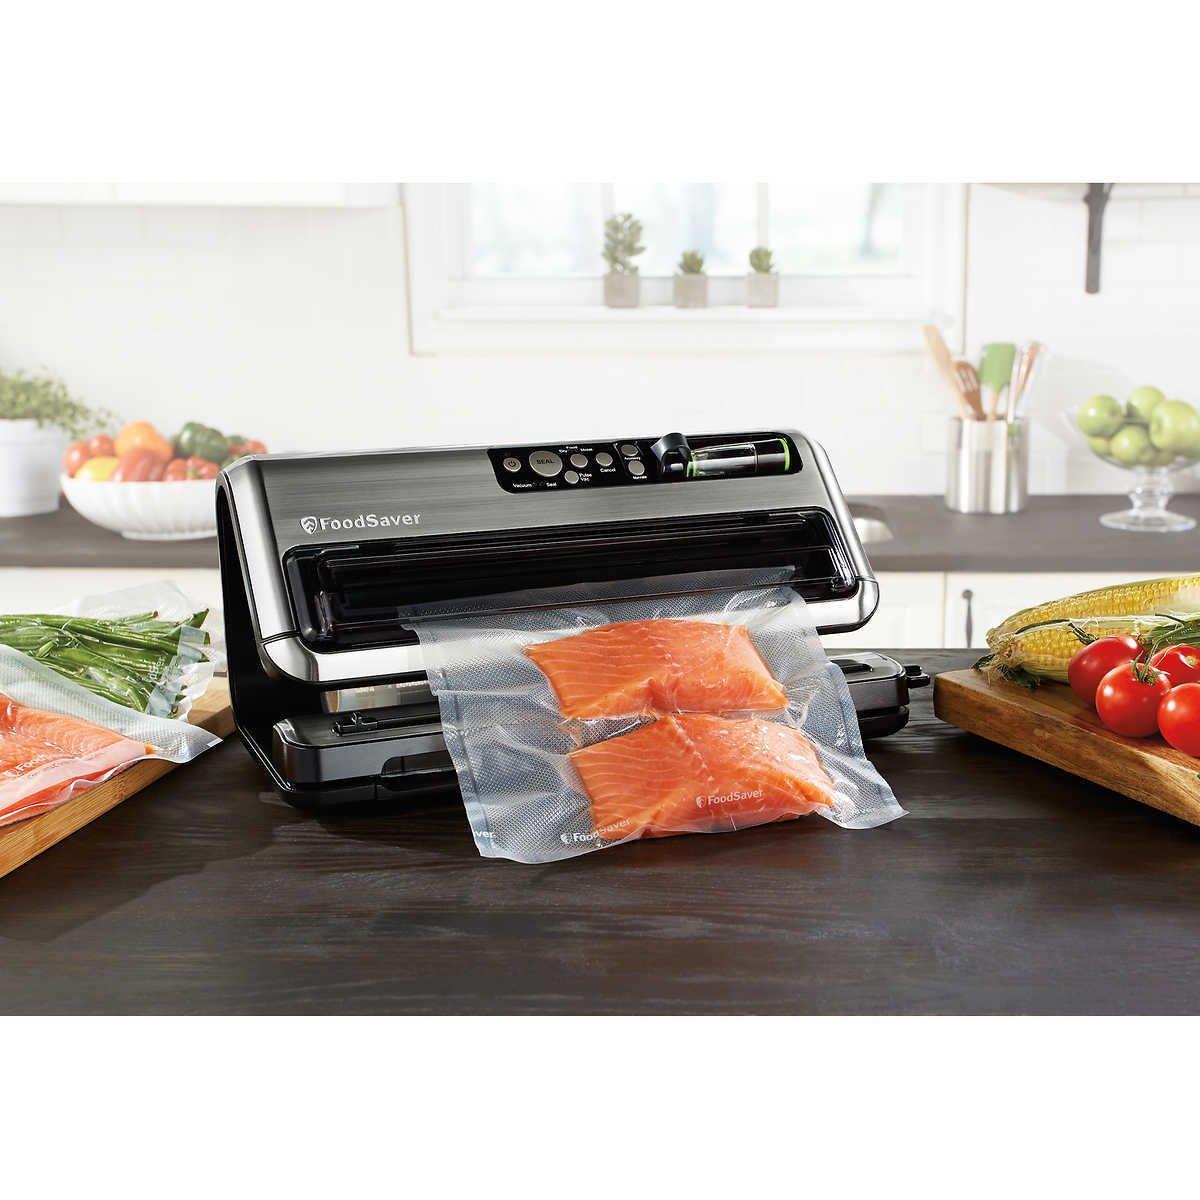 FoodSaver FM5480 2-in-1 Food Preservation System Starter Kit NEW